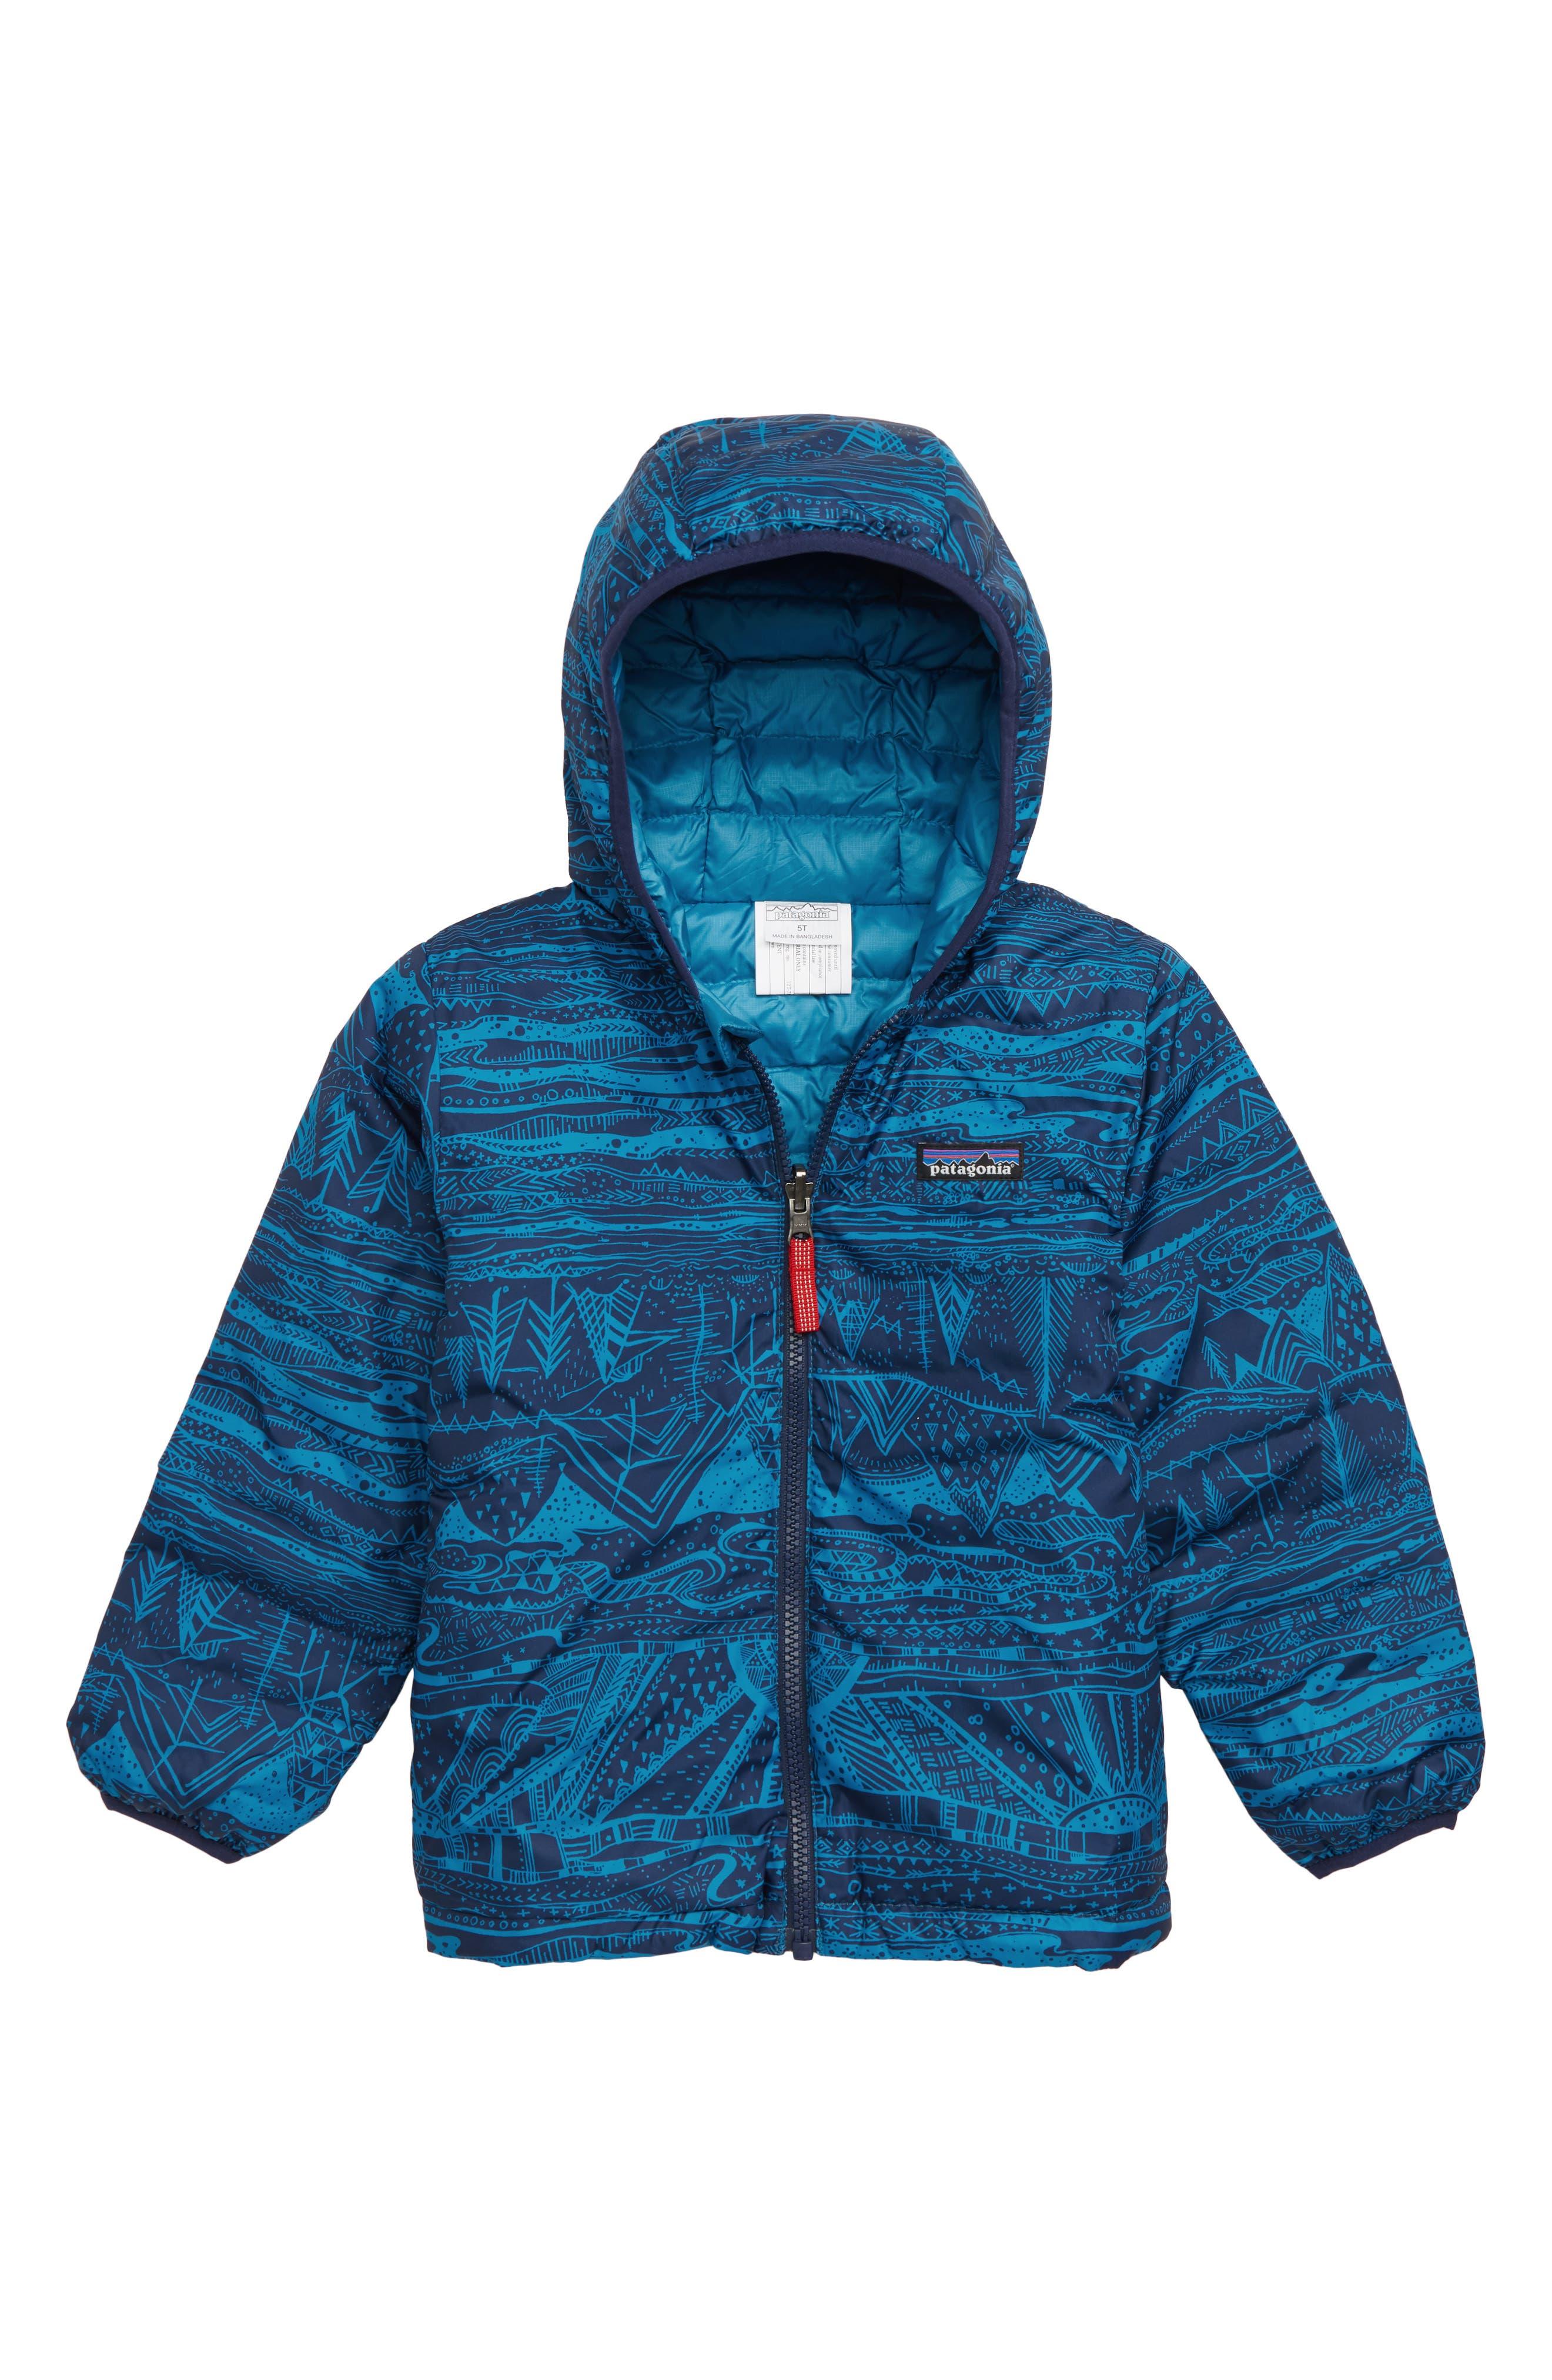 PATAGONIA, Reversible Down Sweater Hoodie, Main thumbnail 1, color, 400